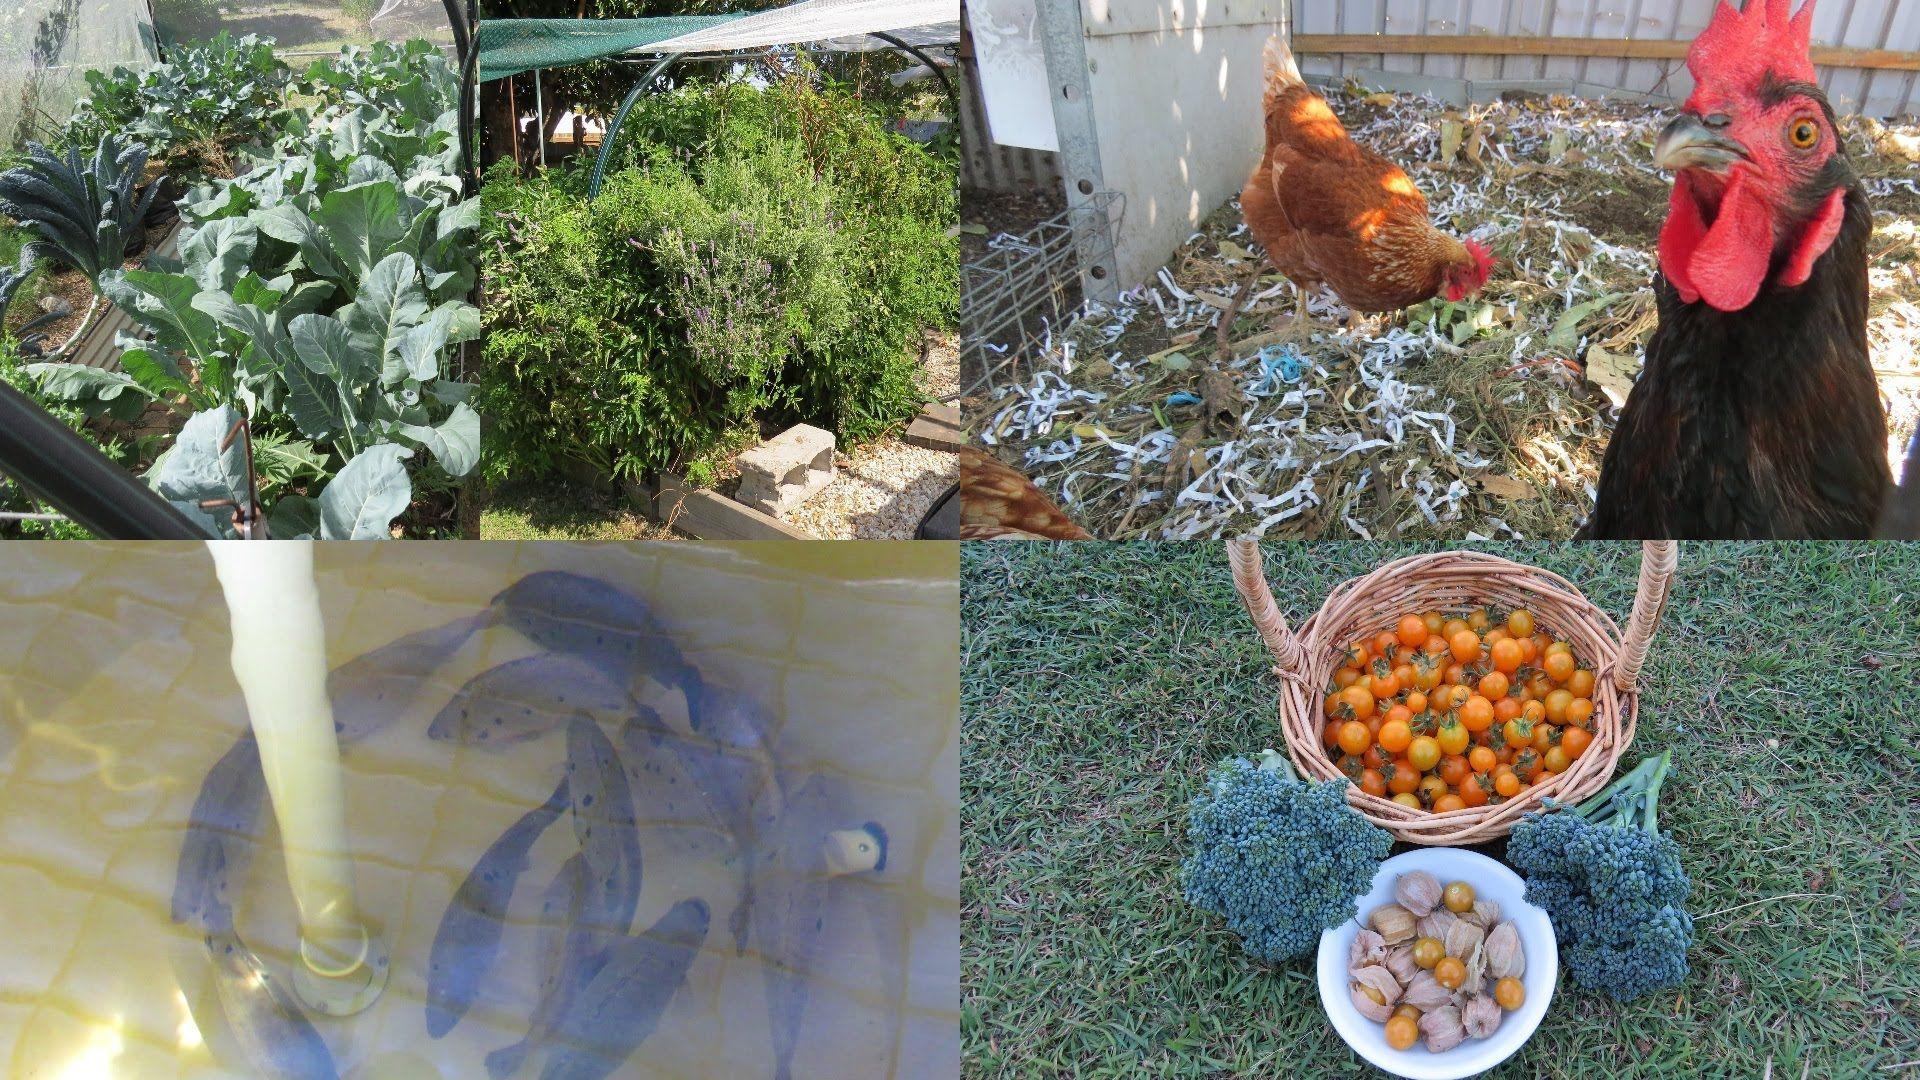 backyard farm tour aquaponics chickens veggie patch u0026 worms